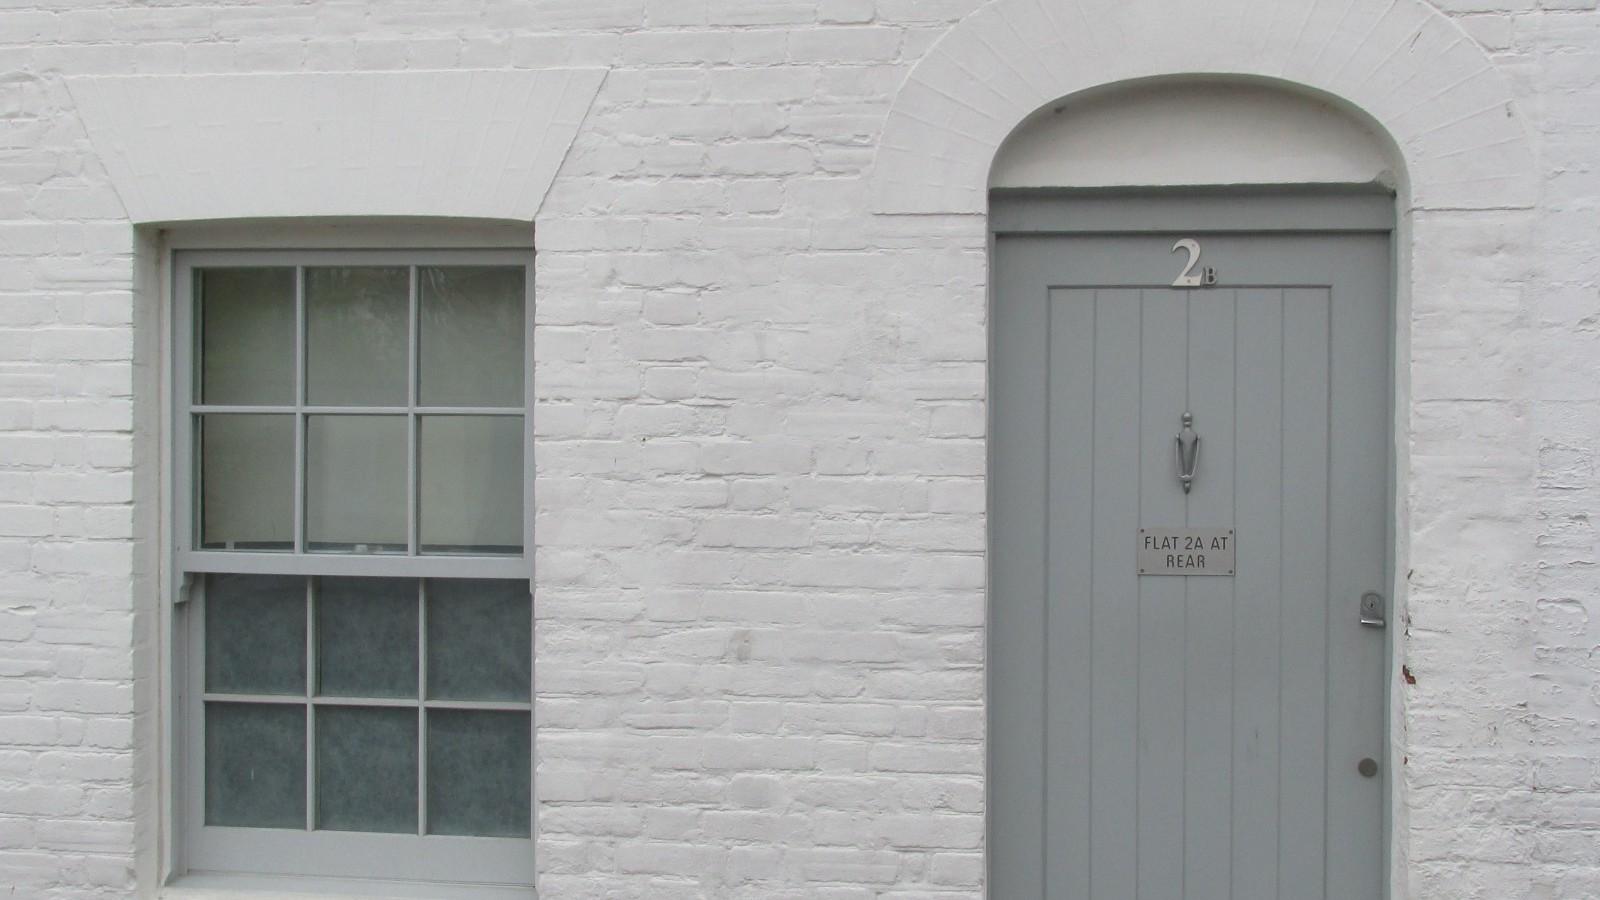 New Street, Whitstable, Kent